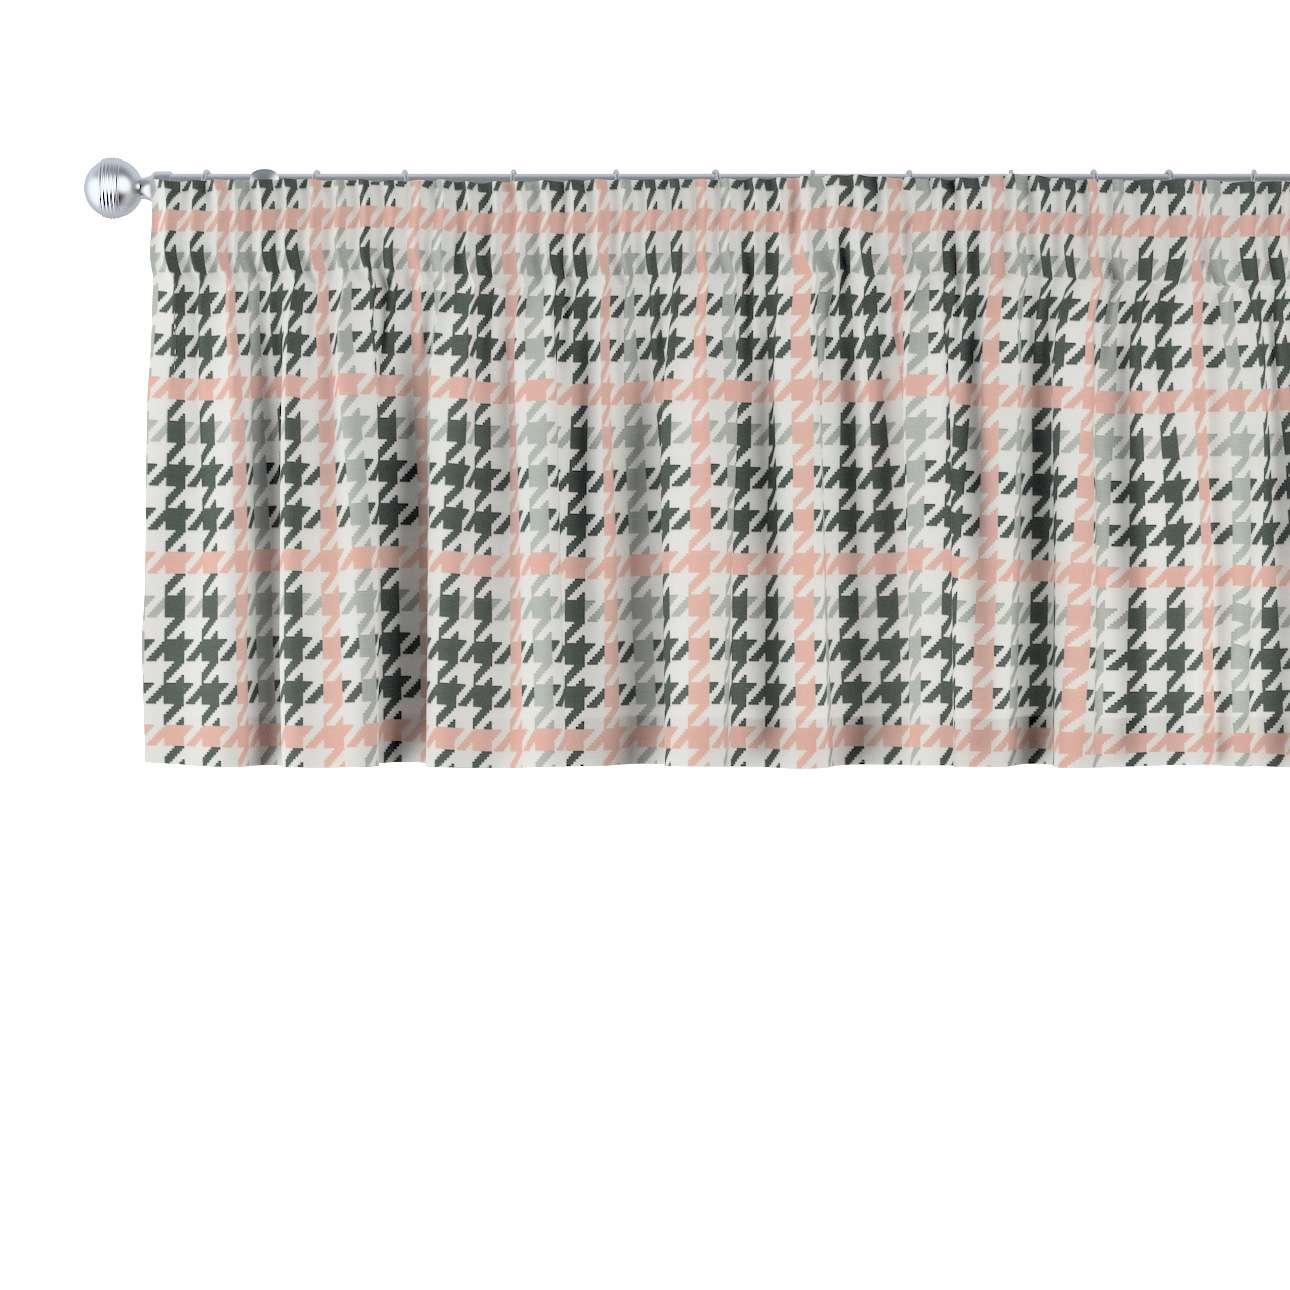 Trumpa užuolaidėlė (lambrekenas) pieštukinis klostavimas 130 x 40 cm kolekcijoje Brooklyn, audinys: 137-75